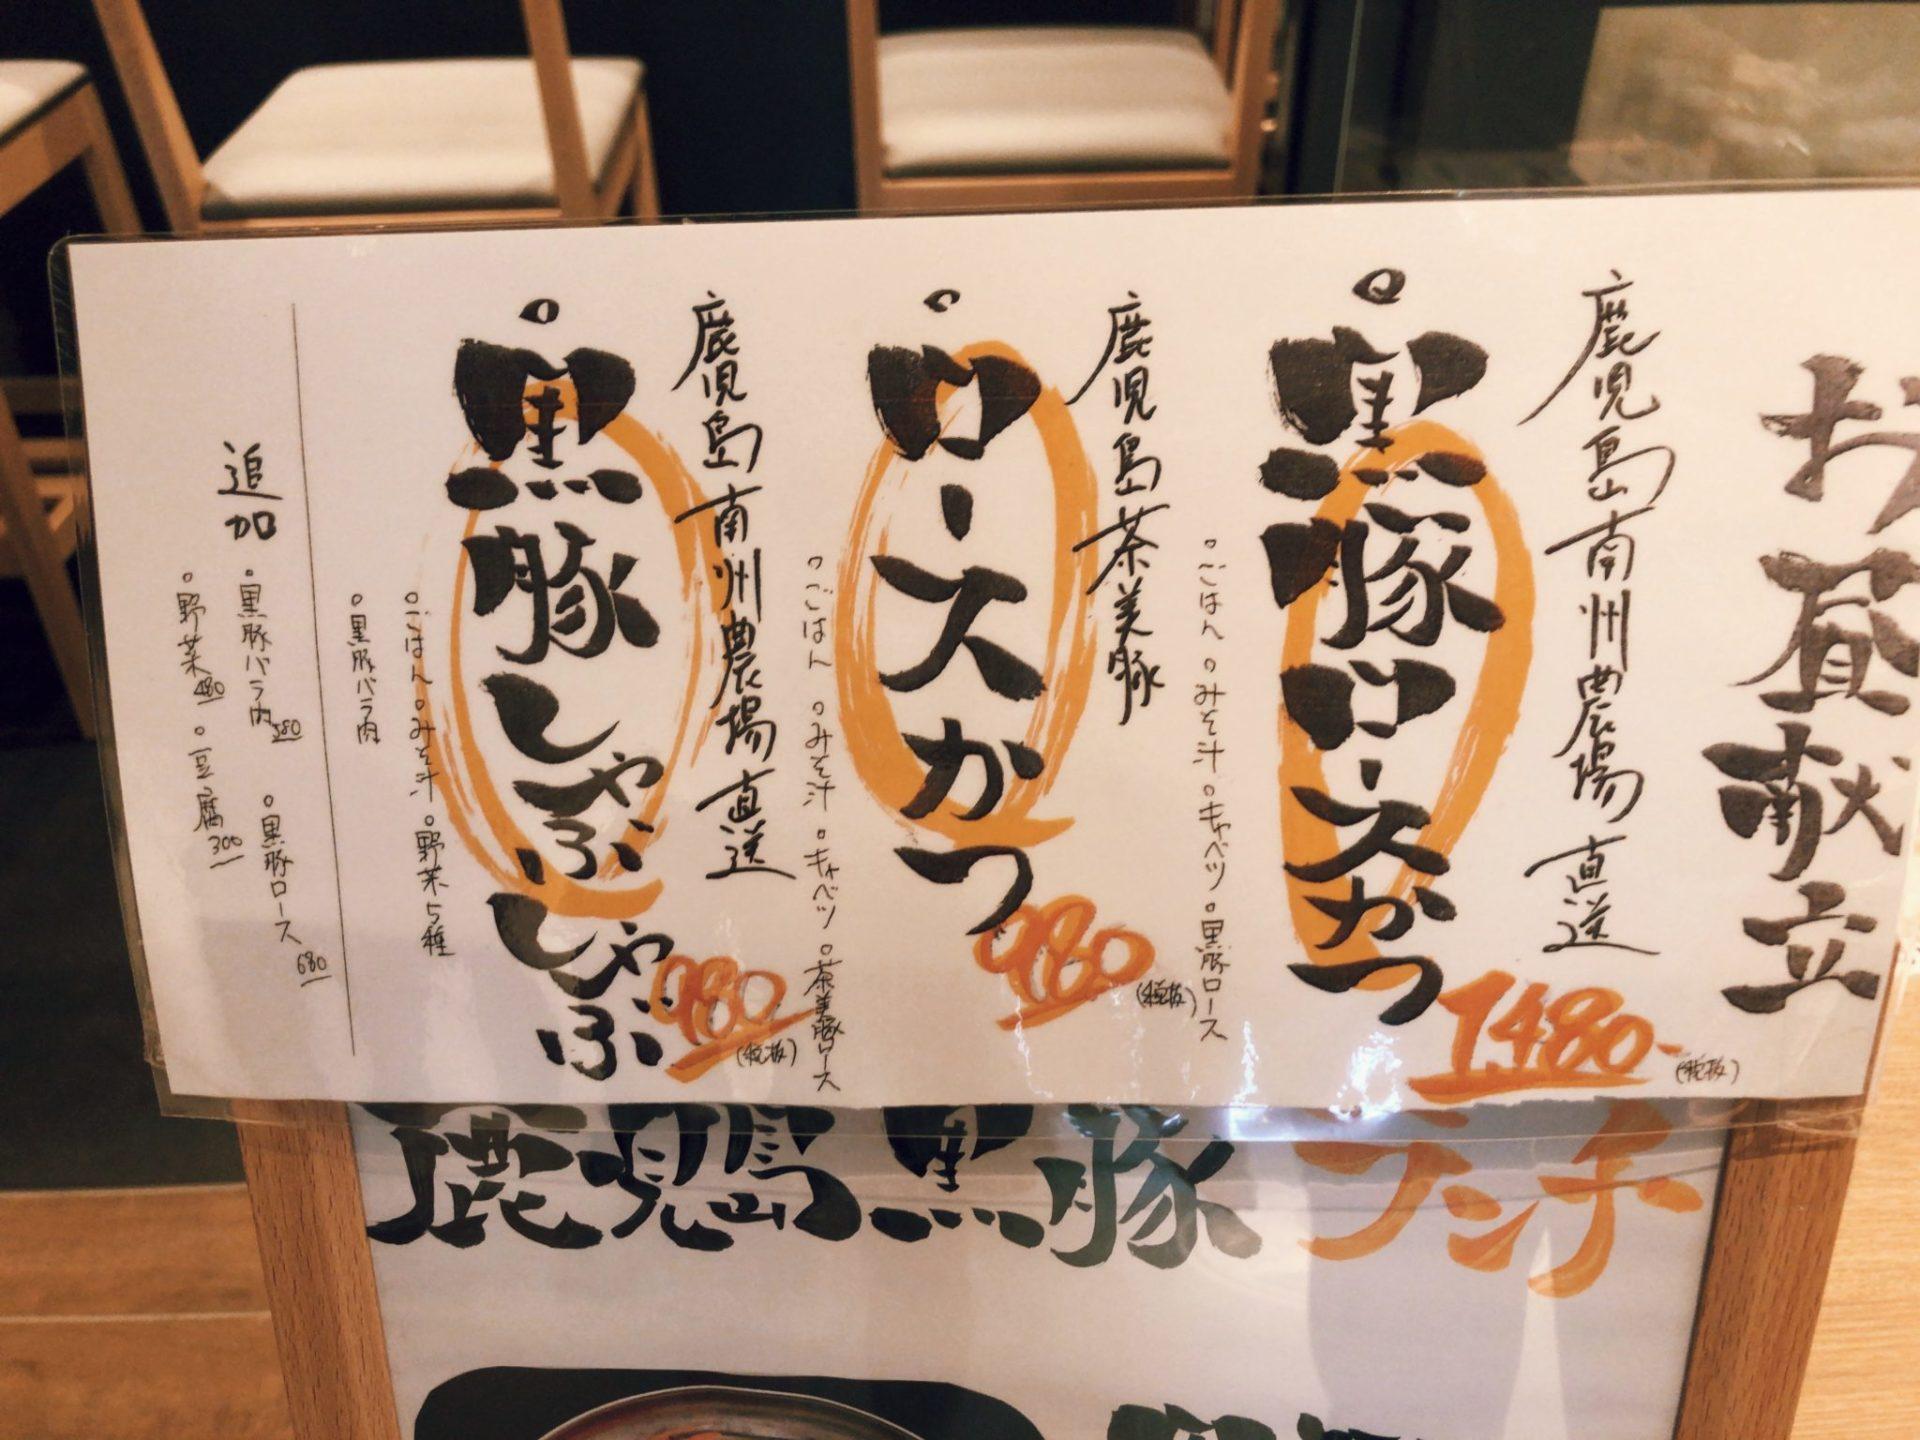 黒豚・地鶏ダイニング SATSUMA(サツマ)原宿店のランチメニュー